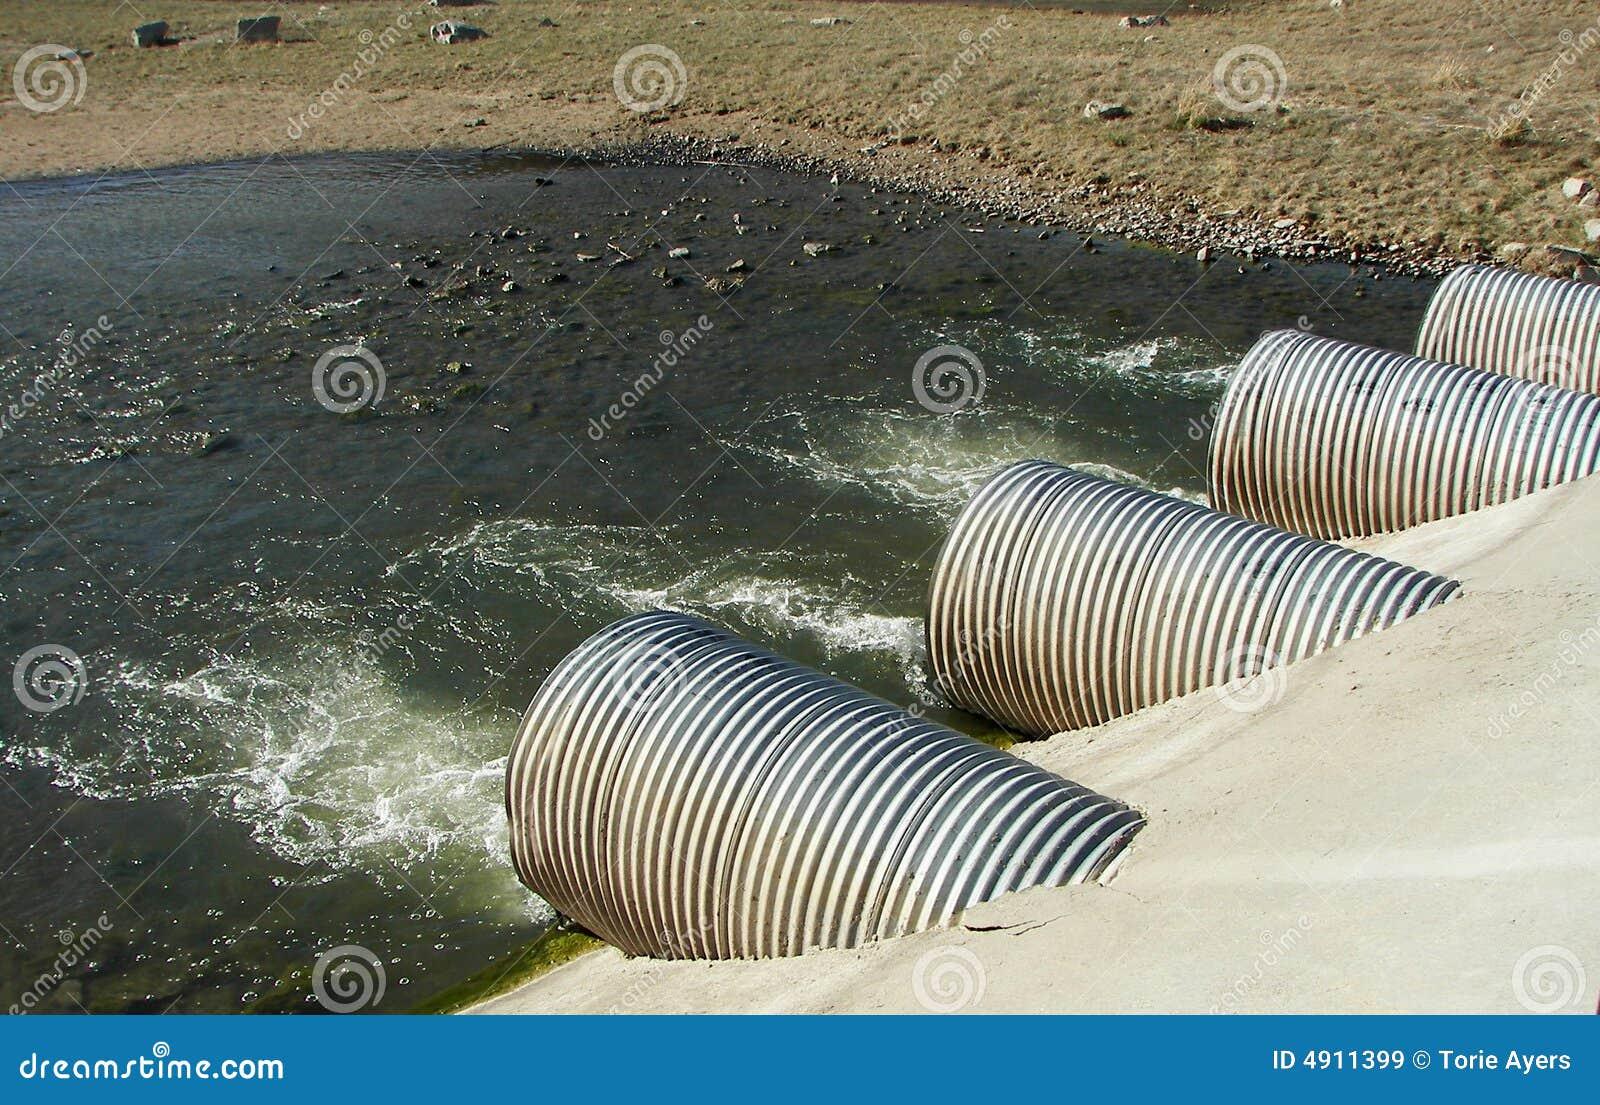 Tubos del drenaje en una central eléctrica